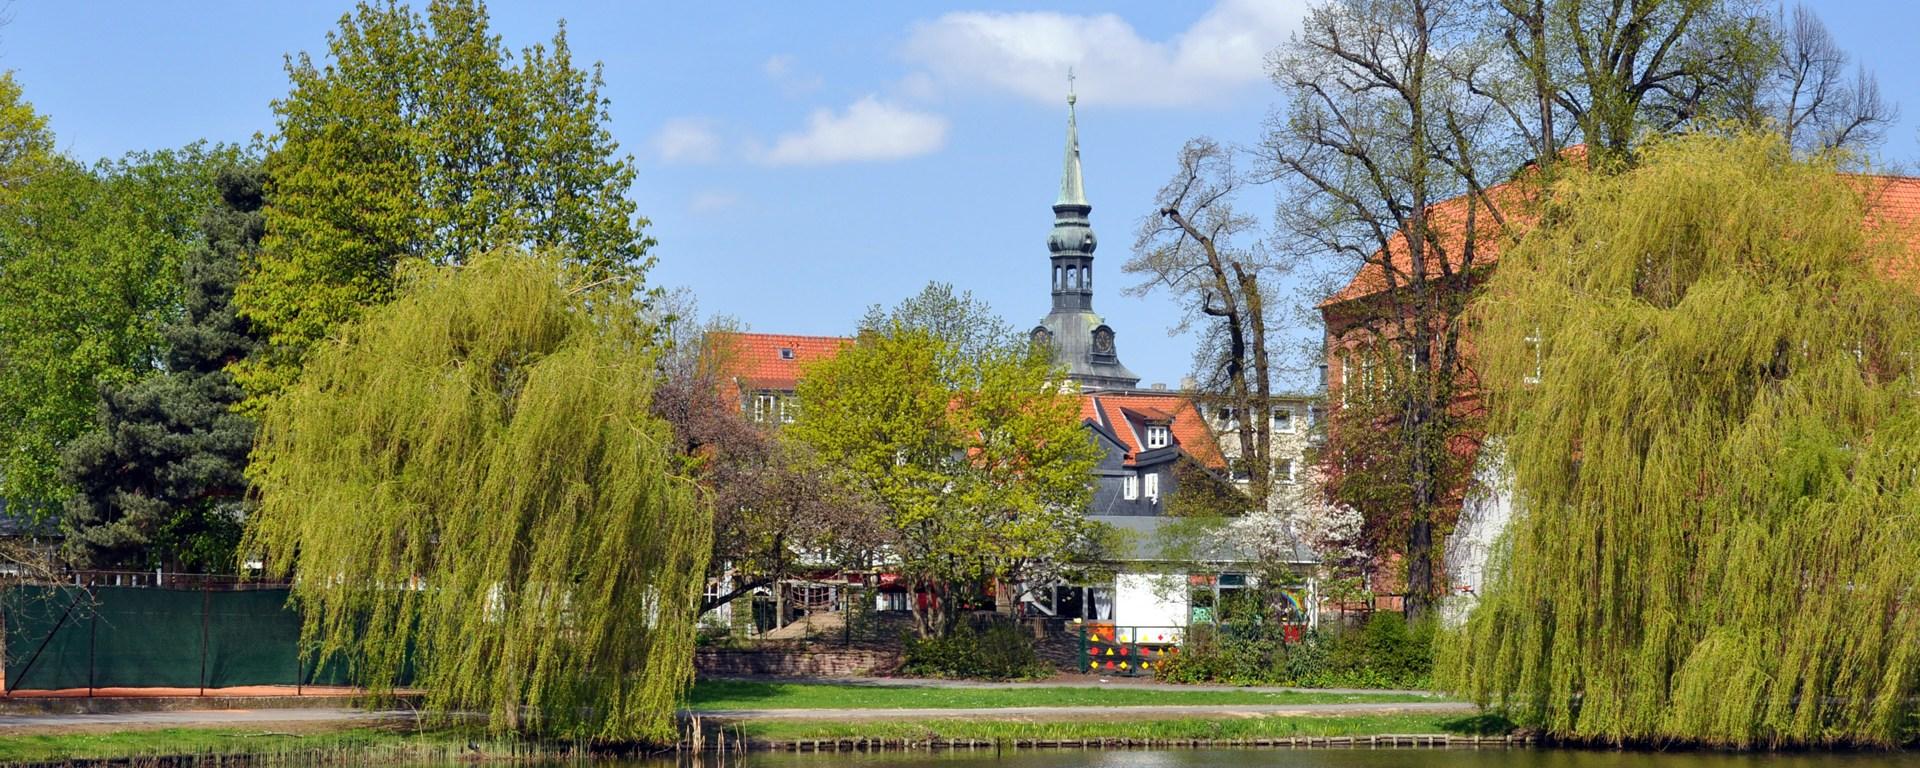 Stadtgraben mit Blick auf die Hauptkirche